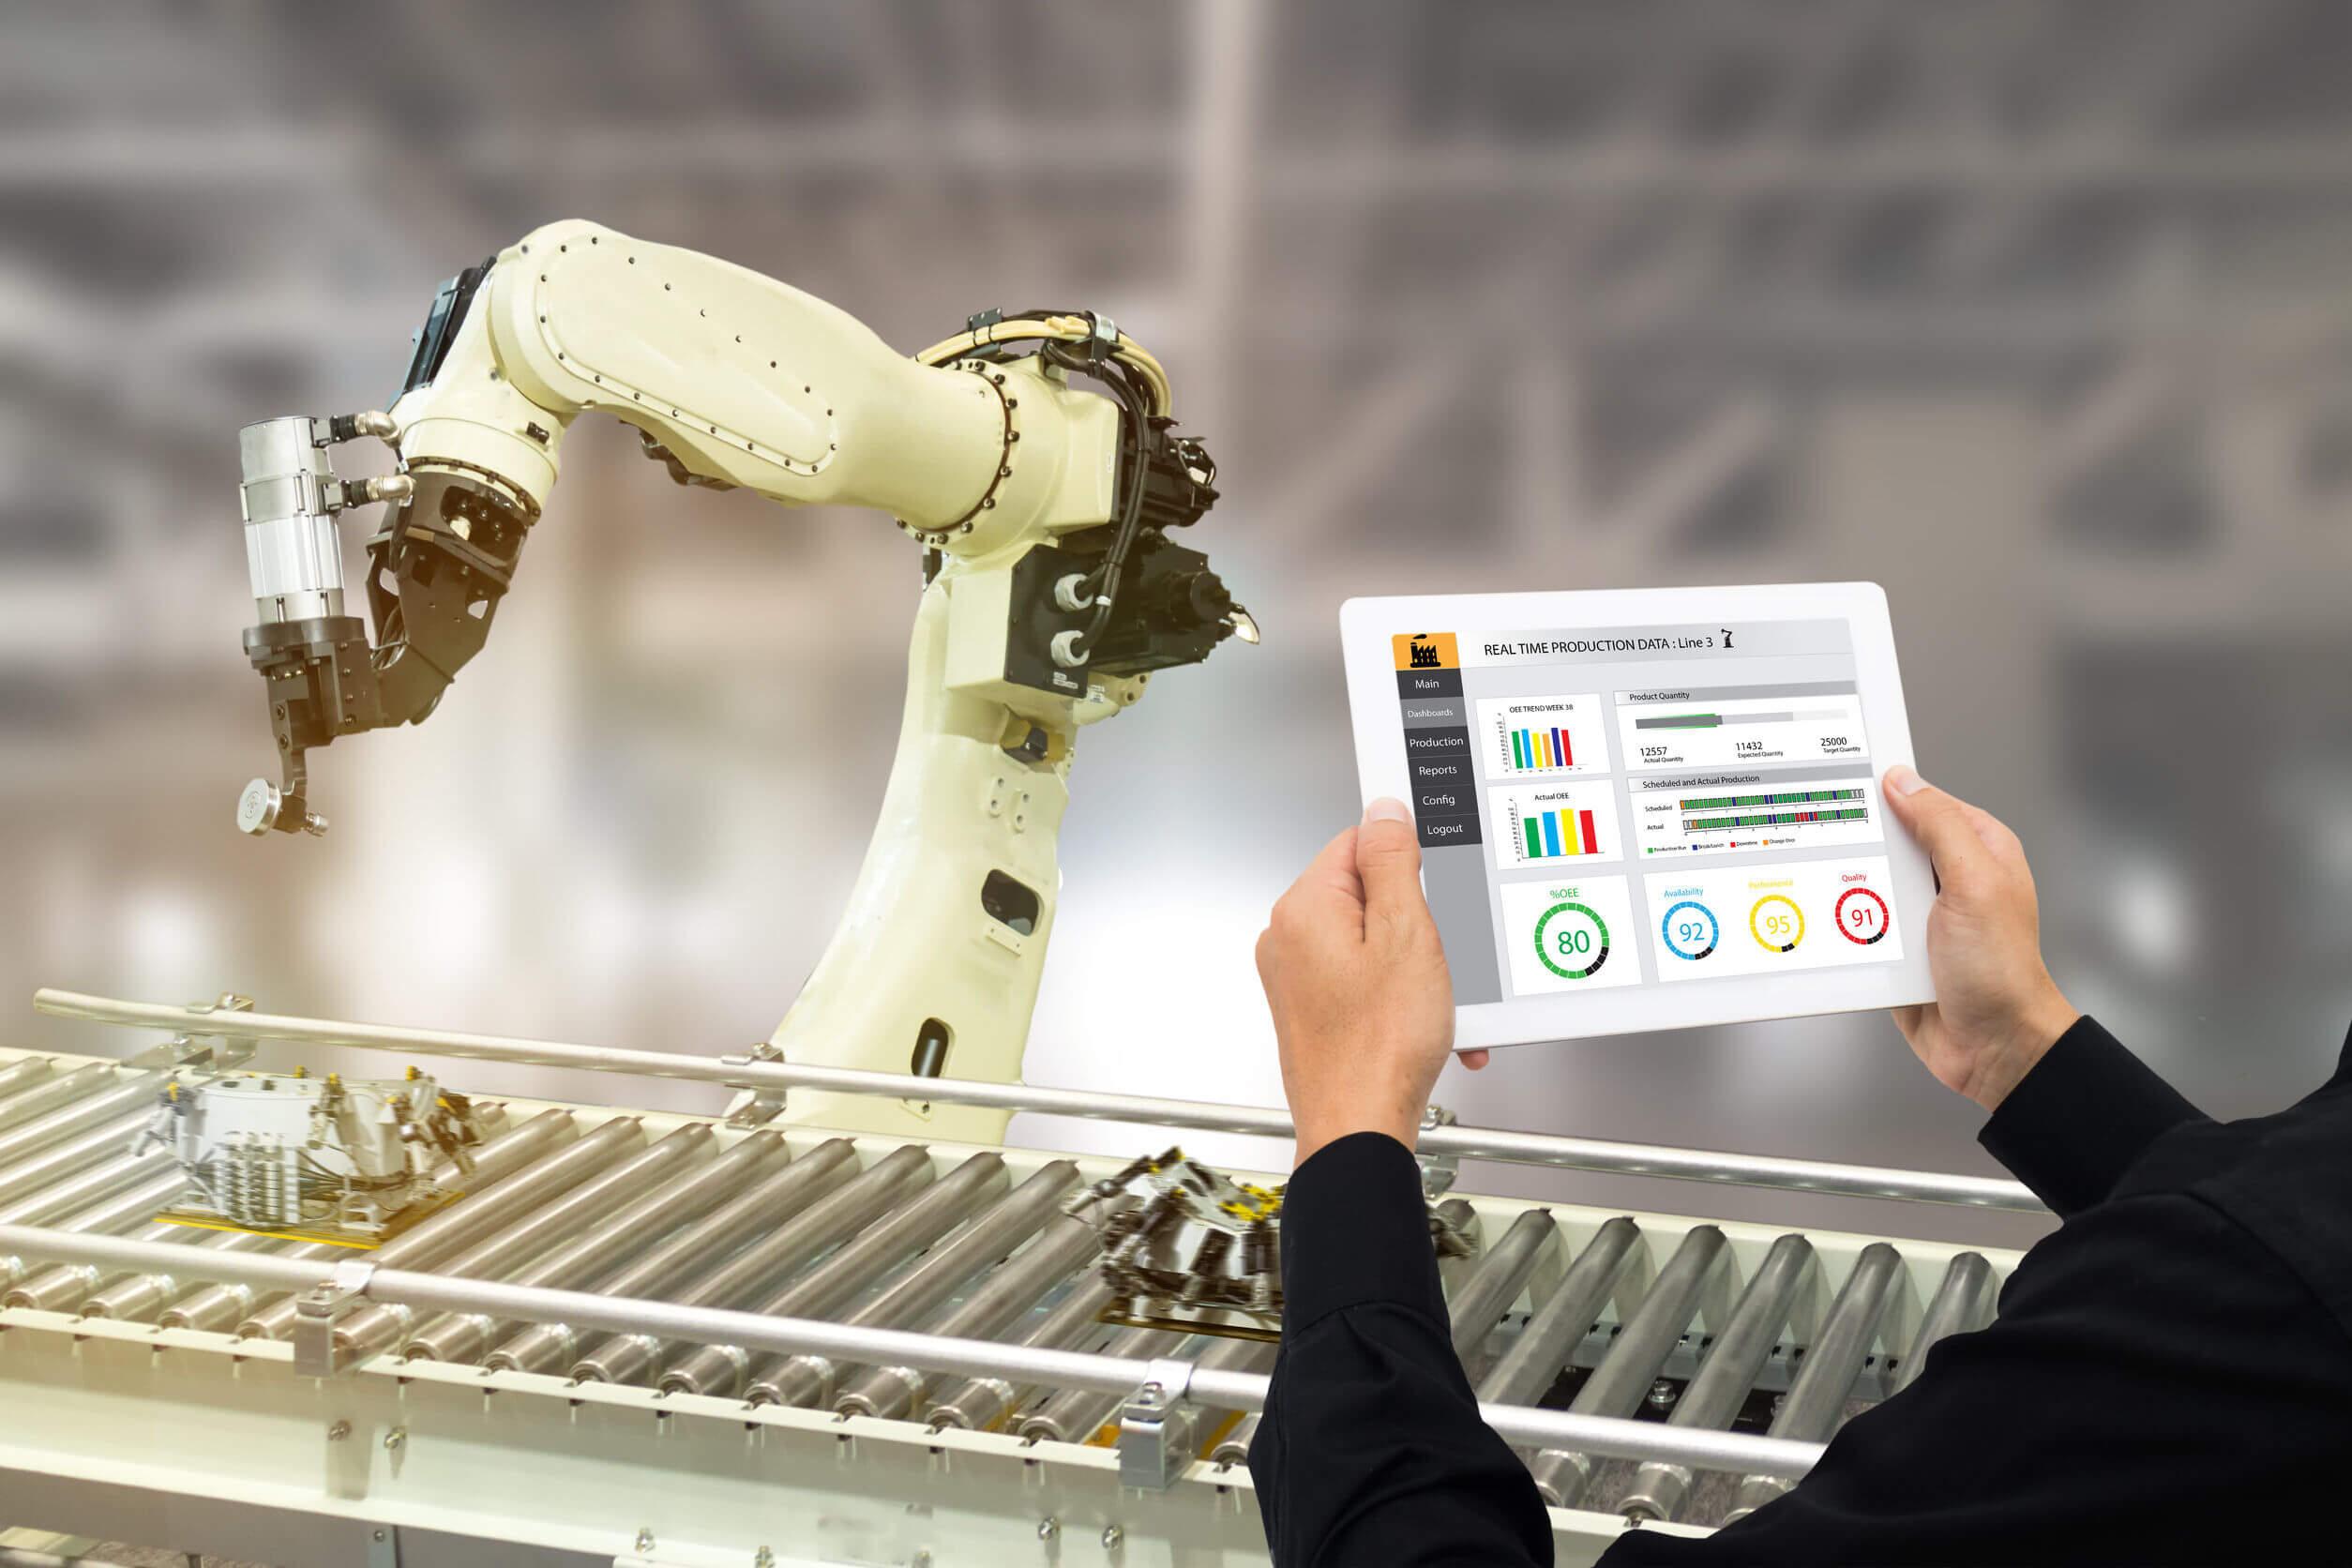 Ingenieros industriales por la inteligencia artificial y la robotización